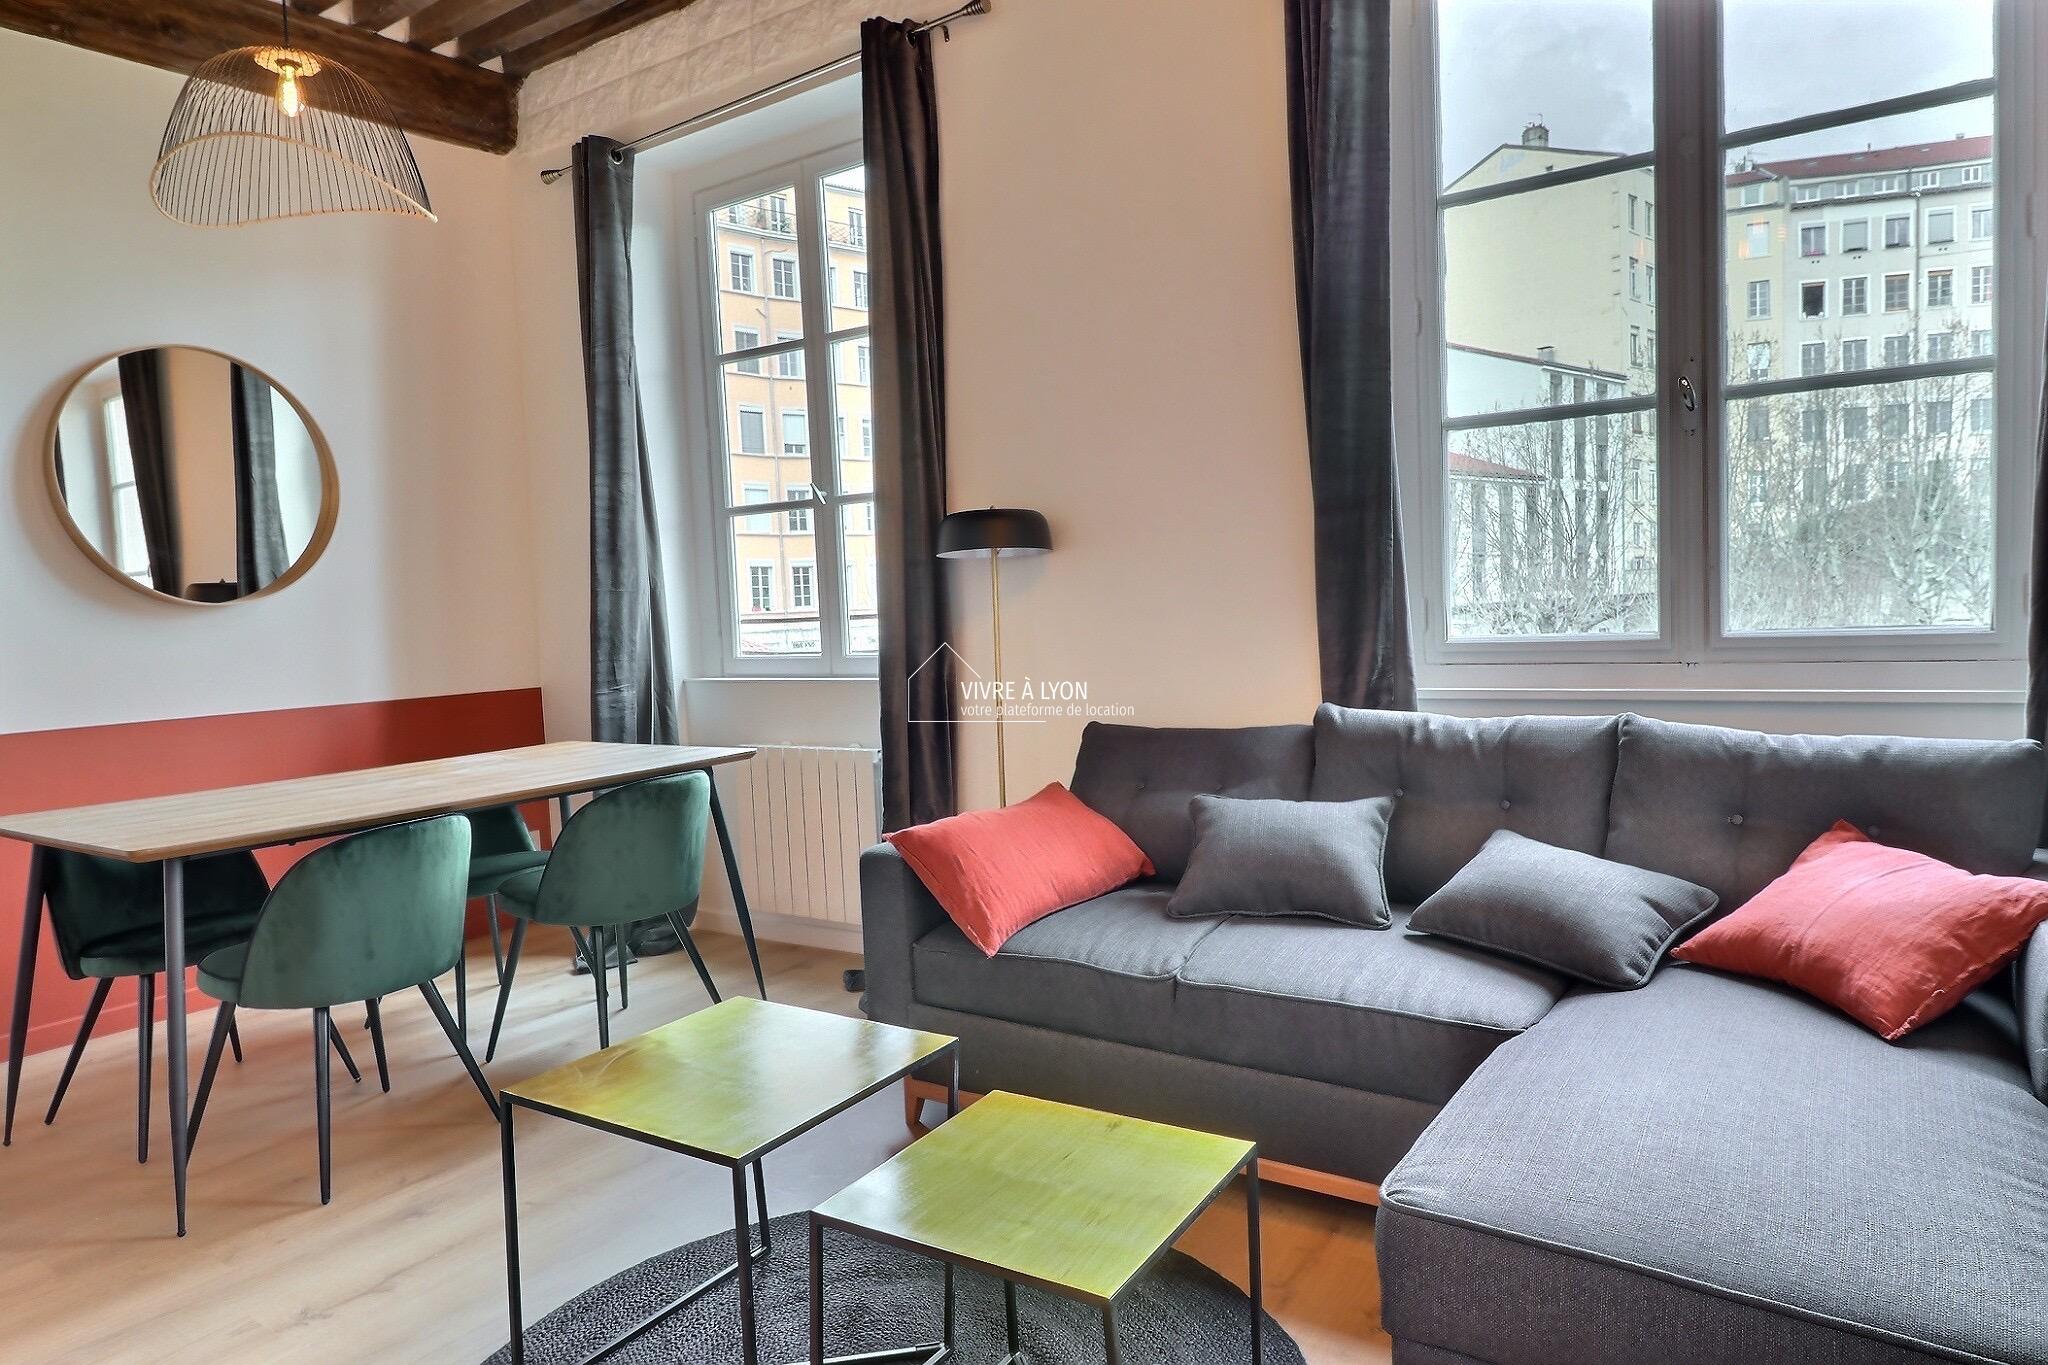 lyon-location-appartement-meublé